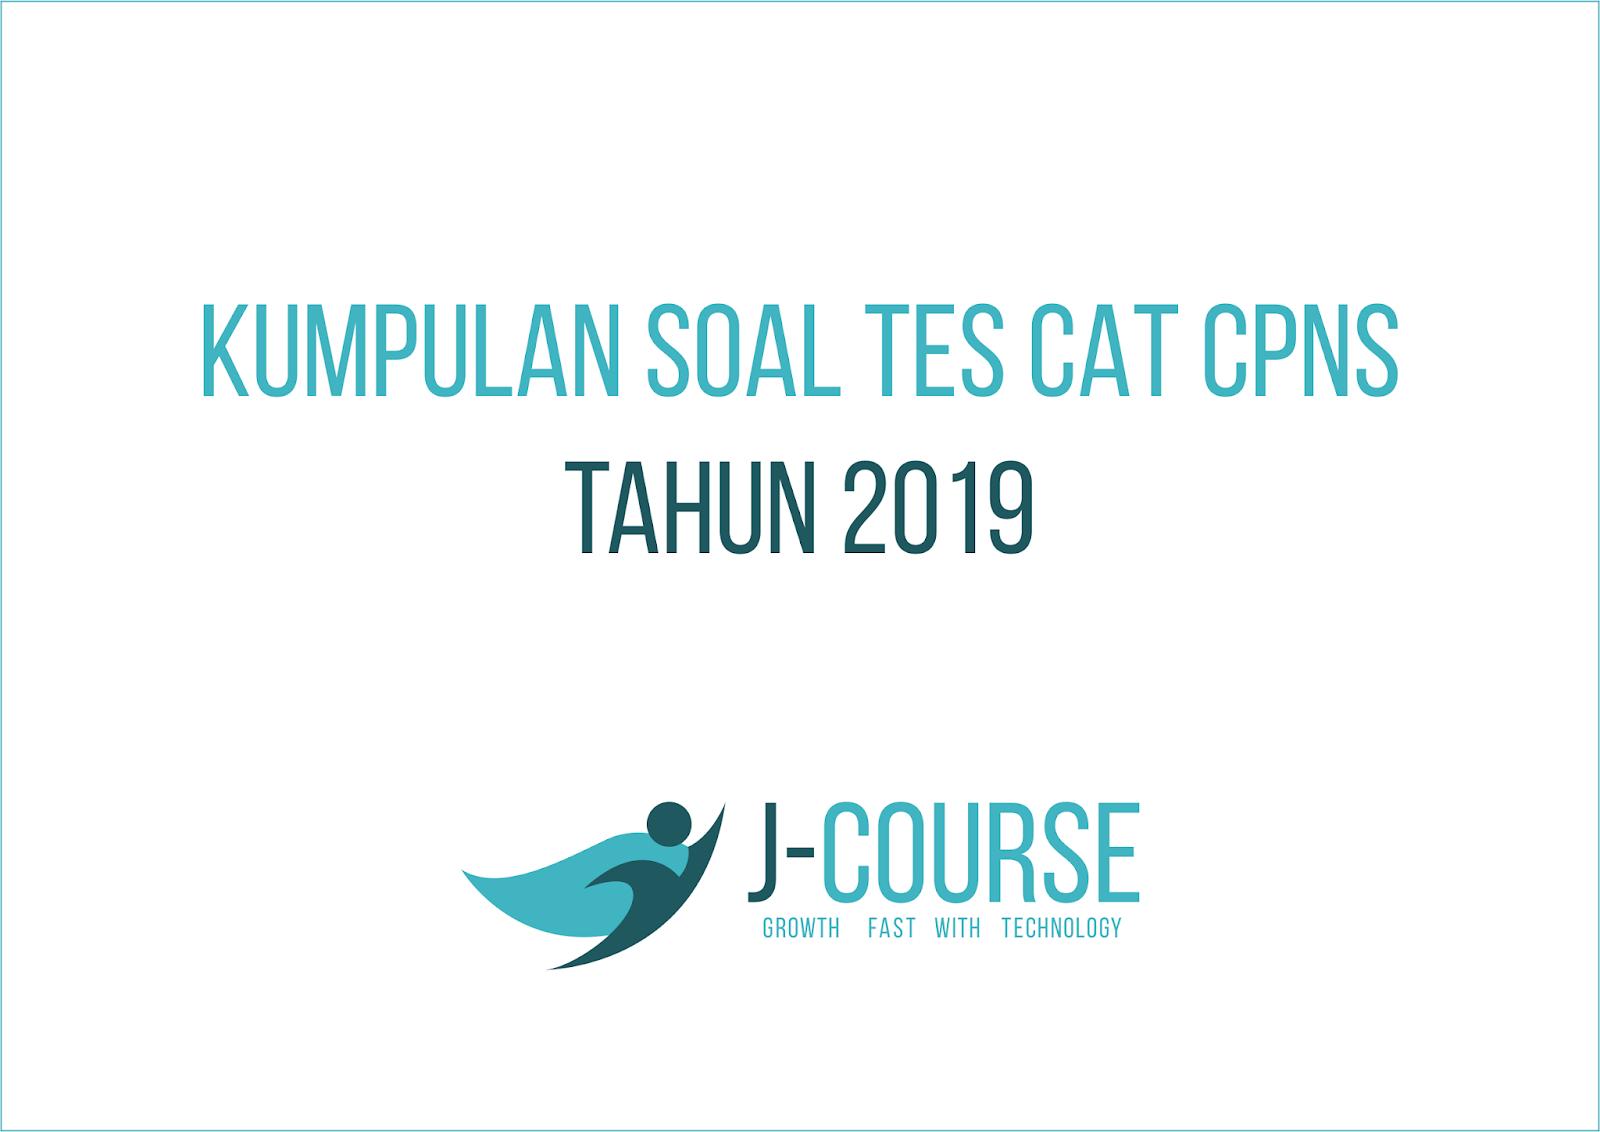 Kumpulan Contoh Soal Cat Cpns 2019 Pdf Dengan Kunci Jawaban